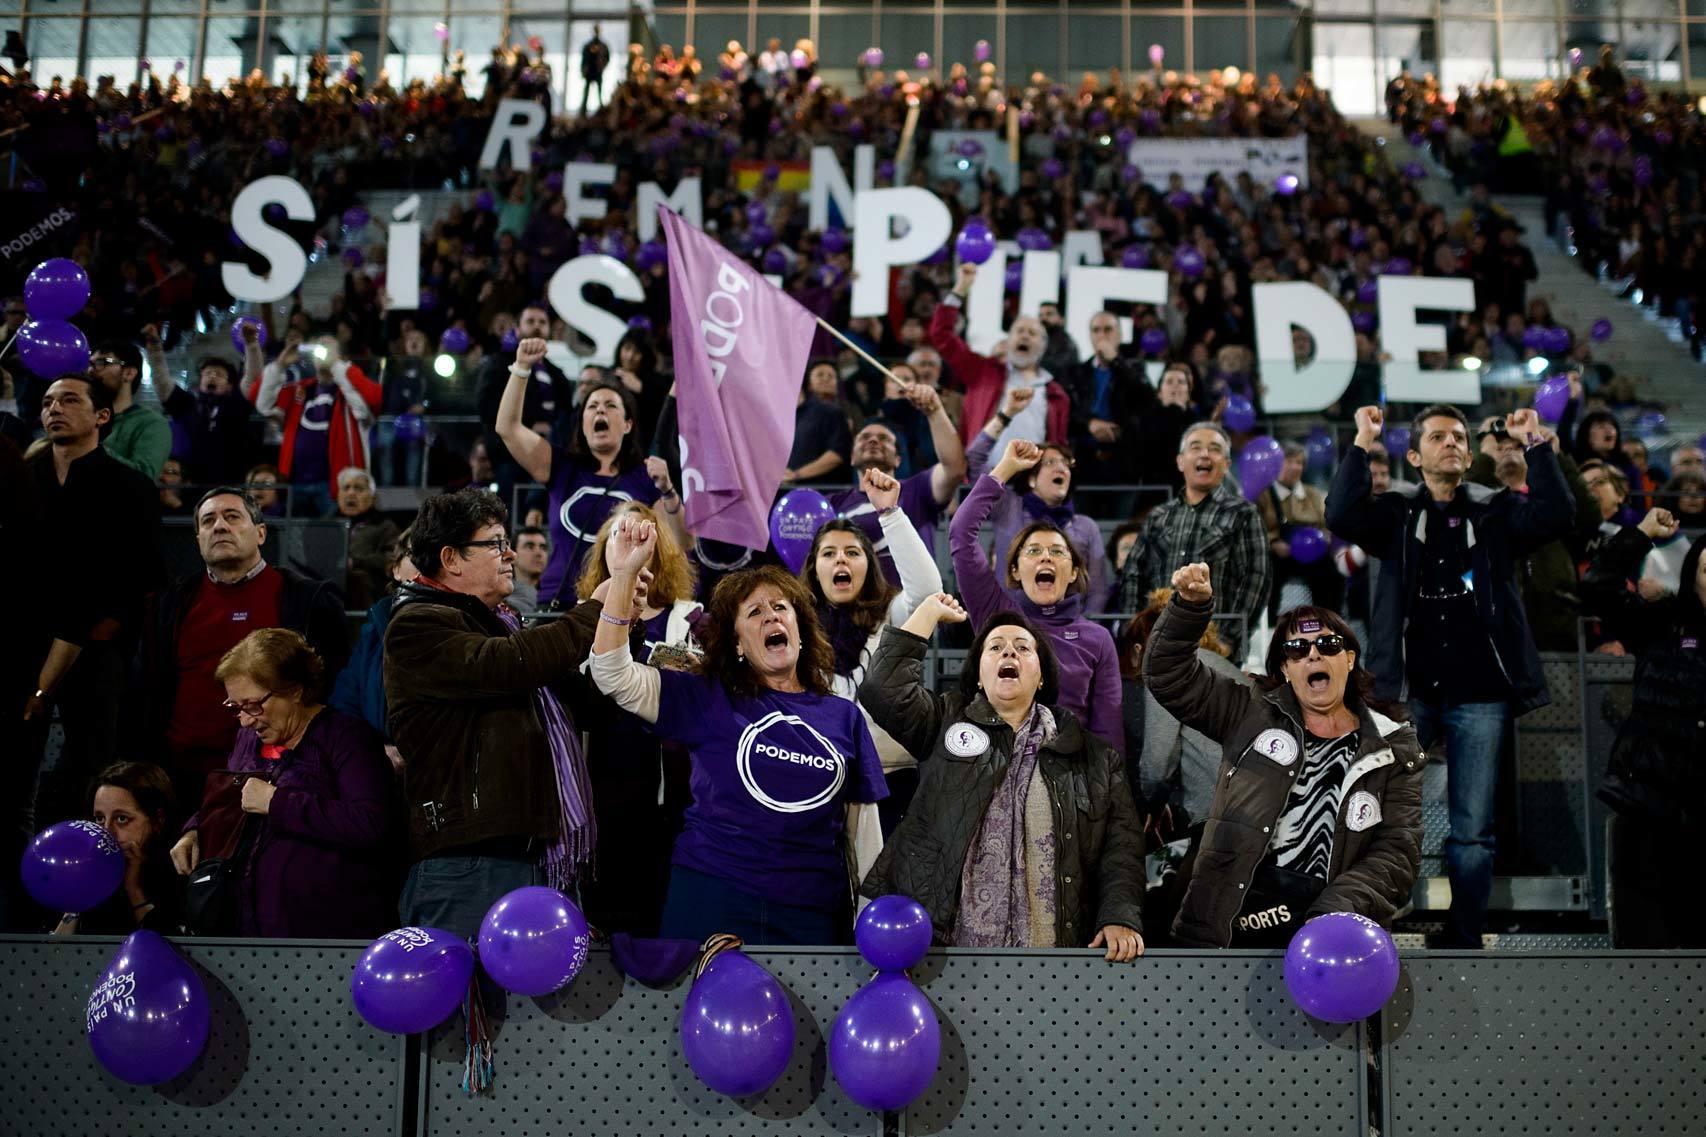 El lema de Podemos uq